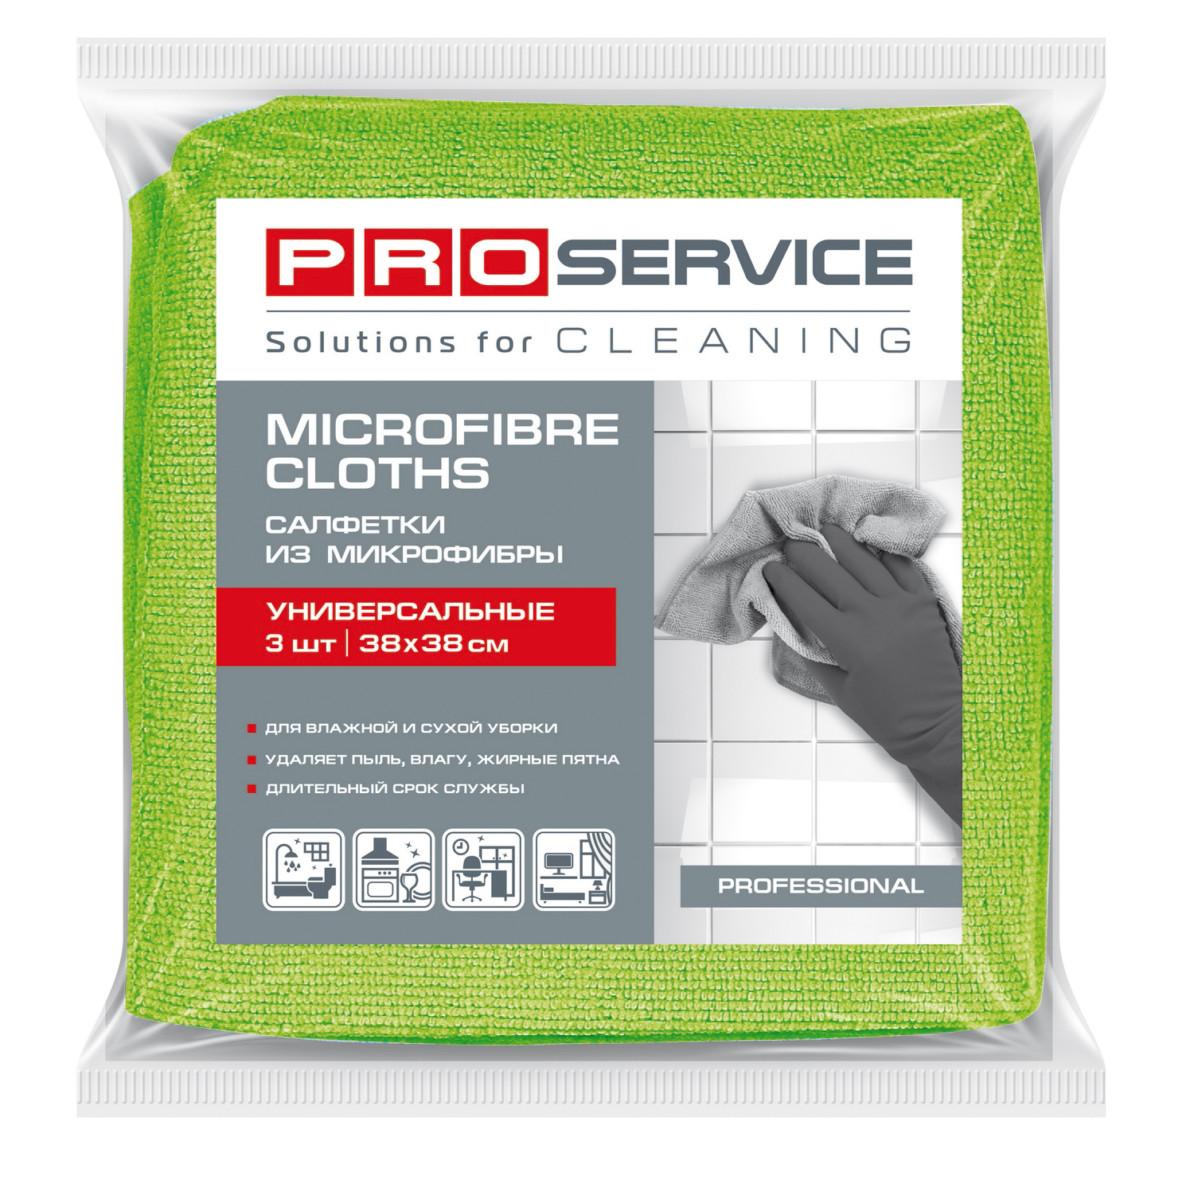 Серветки з мікрофібри PRO service Professional зелені, 3 шт- Фото - Biosphere